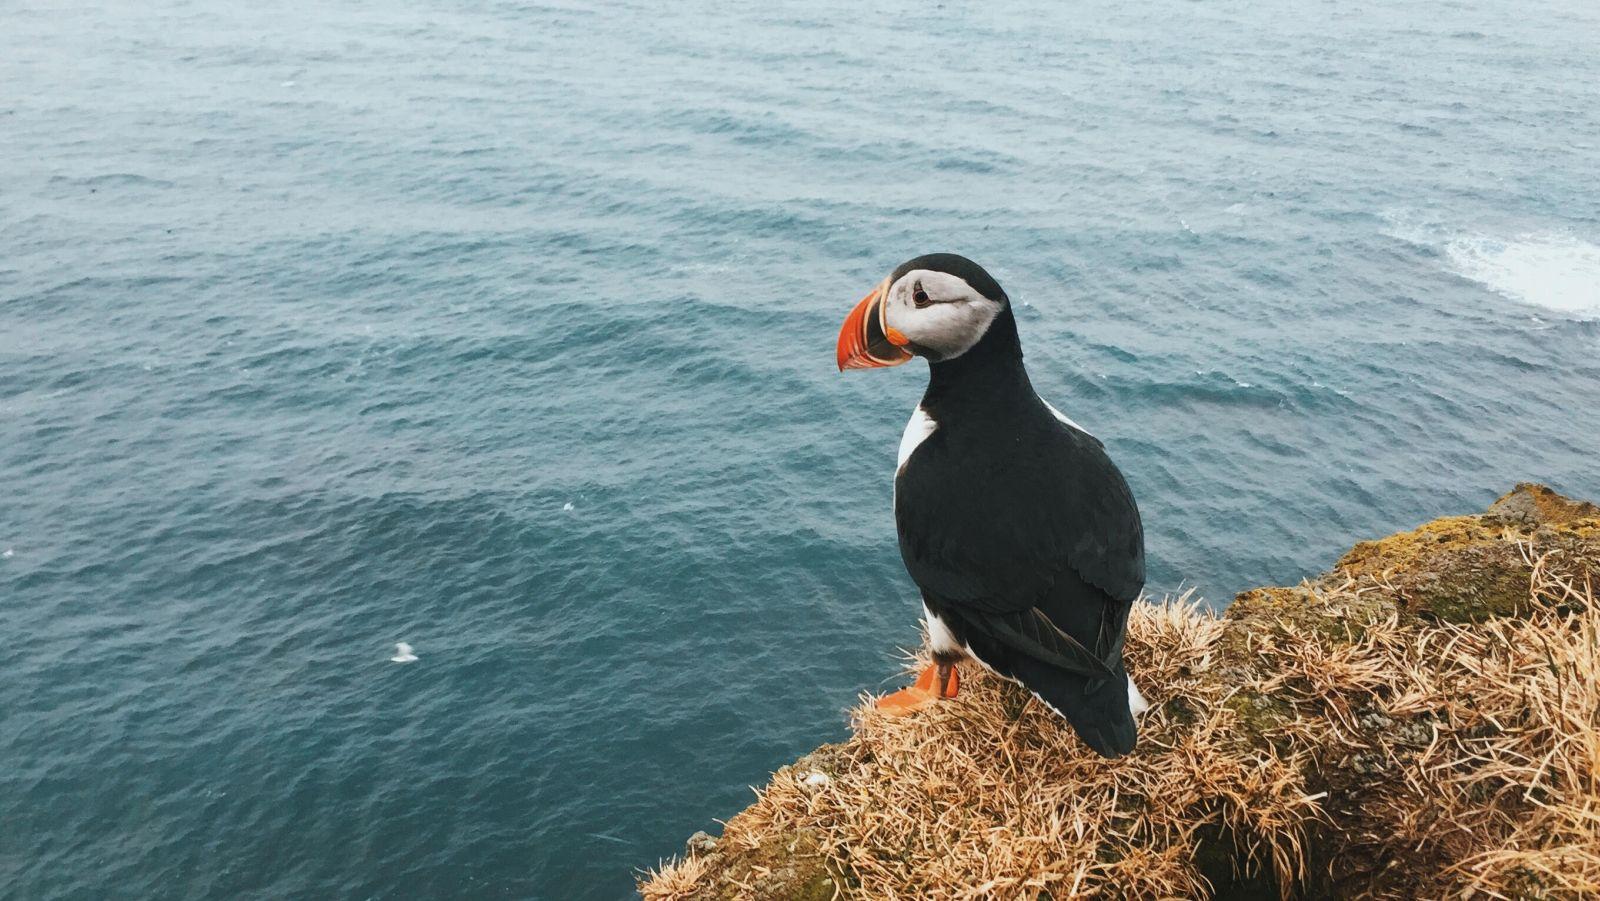 Ein Papageientaucher sitzt an einem Felsvorsprung und blickt auf das offene Meer.